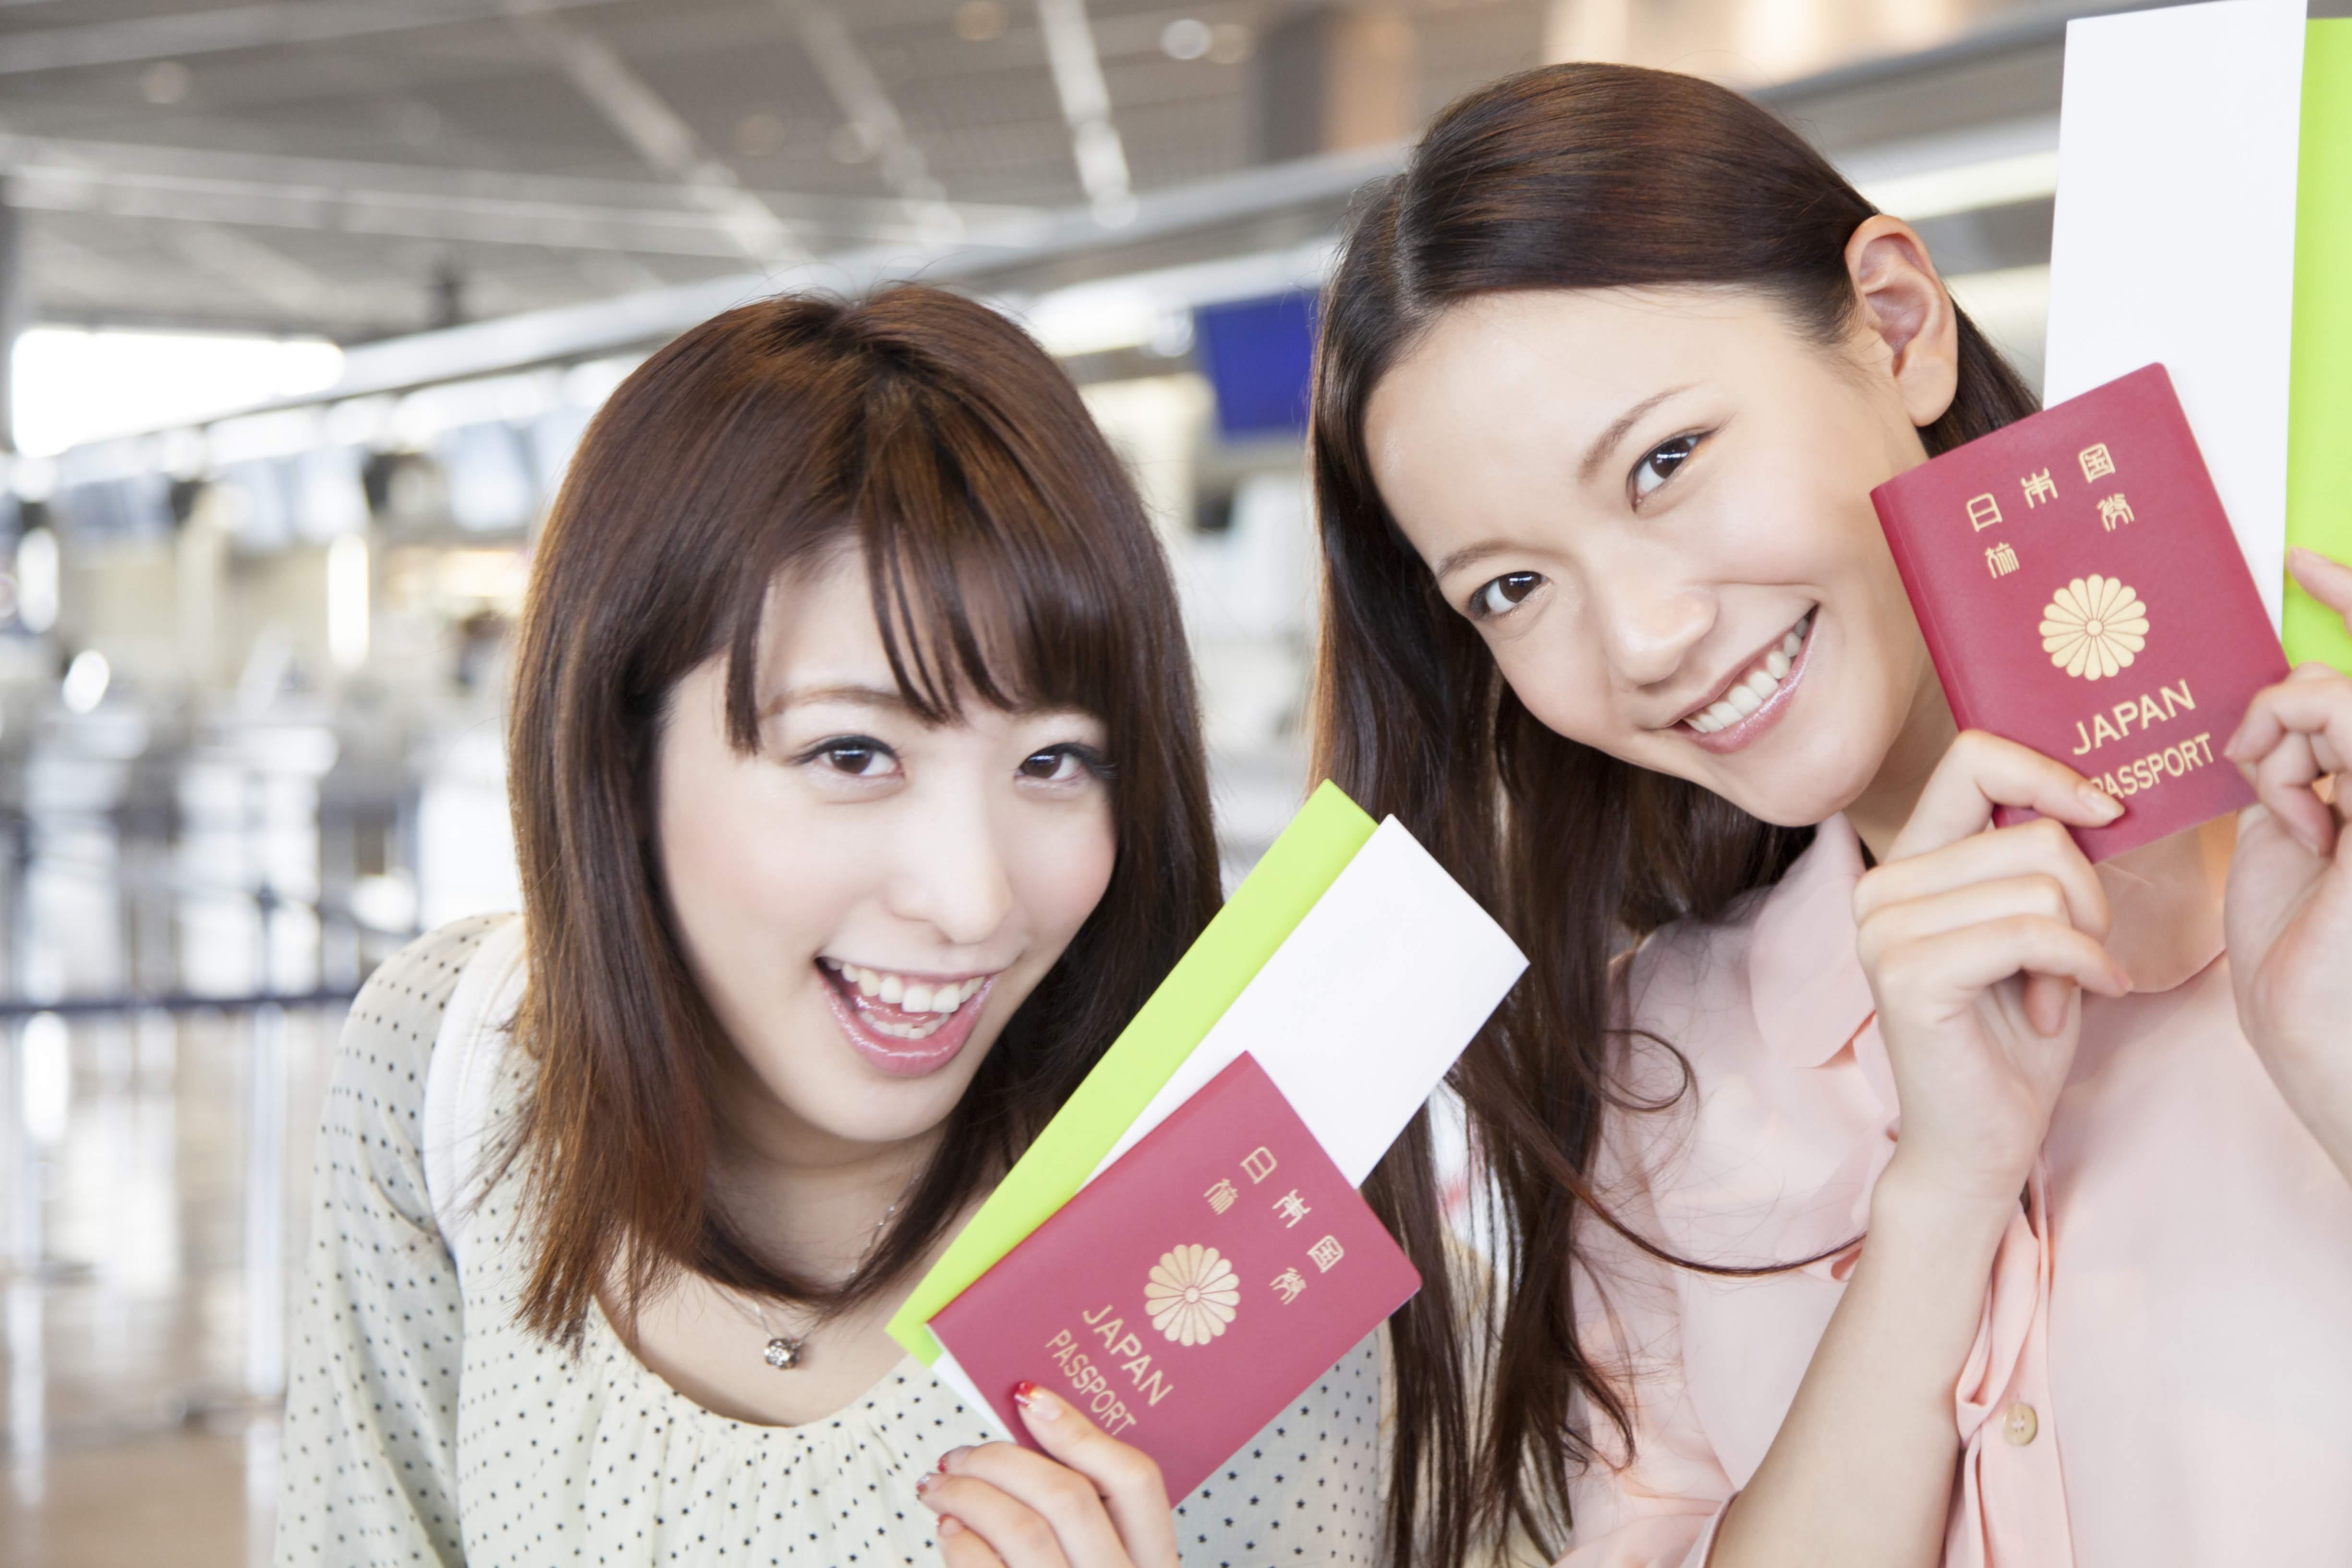 фото для визы вьетнам для разноуровневых офисов